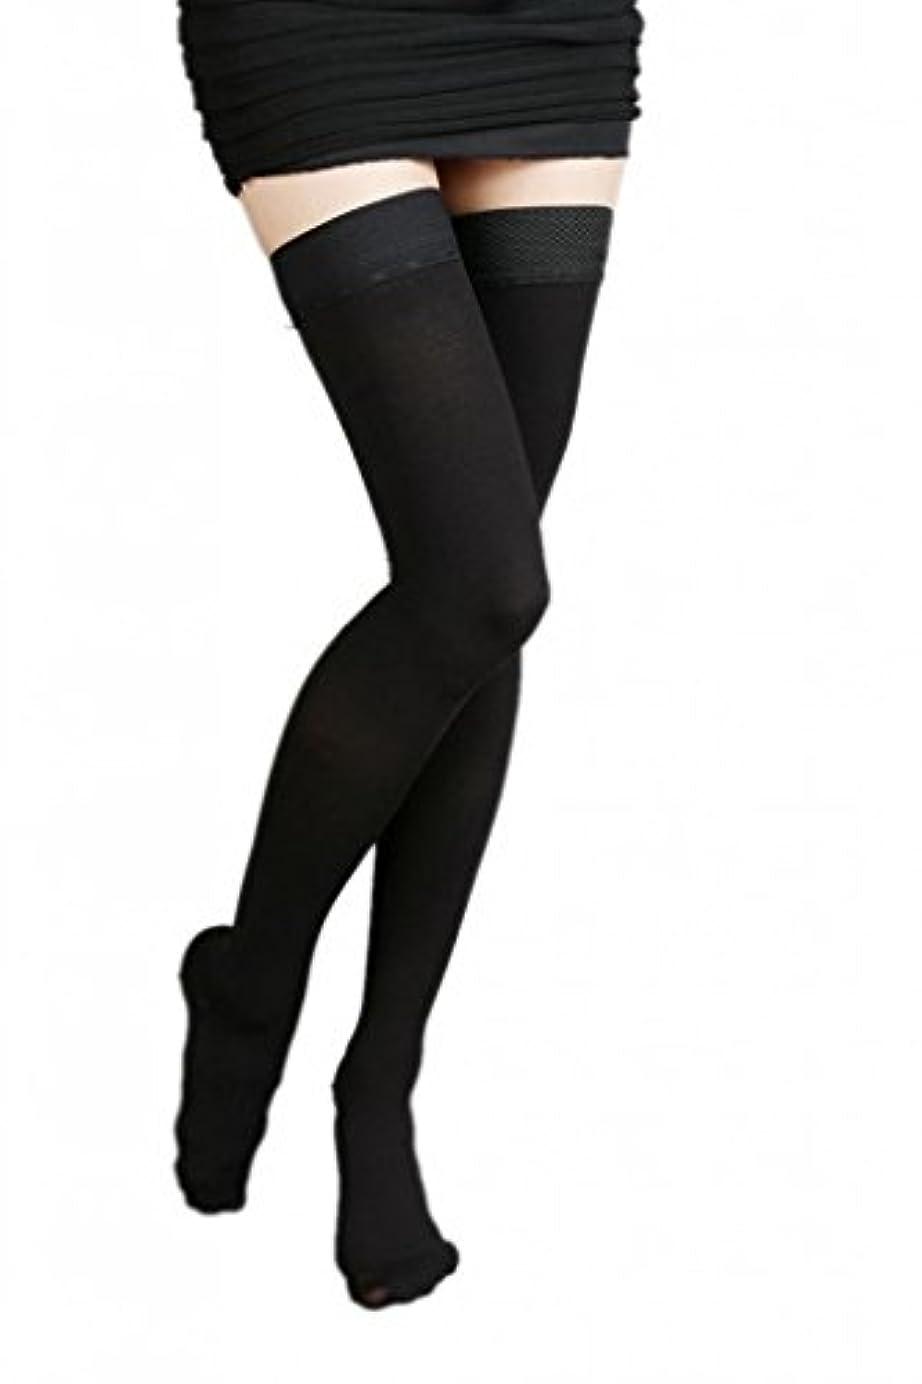 交換可能閉塞できる(ラボーグ)La Vogue 美脚 着圧オーバーニーソックス ハイソックス 靴下 弾性ストッキング つま先あり着圧ソックス XL 1級低圧 黒色